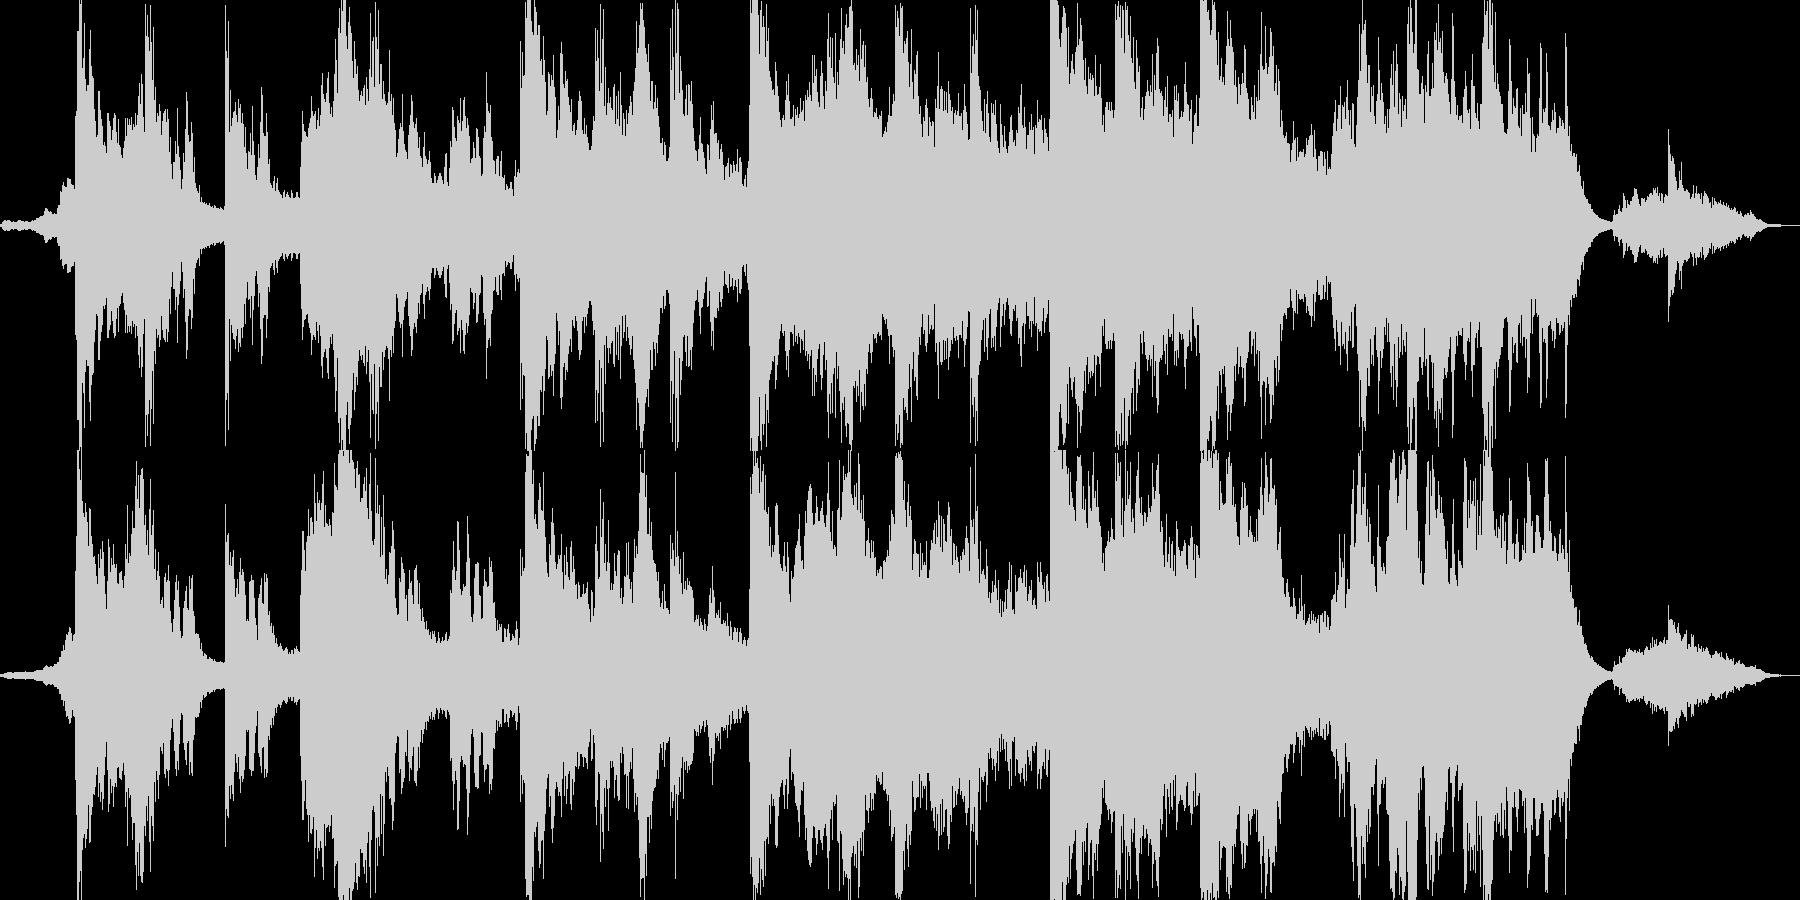 強力な追手に追いつめられるイメージの曲の未再生の波形